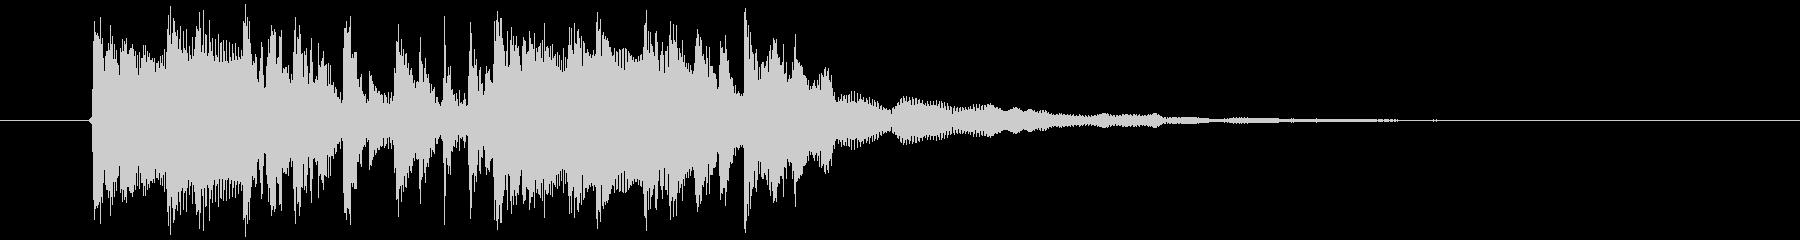 近未来的なテクノミュージックの未再生の波形